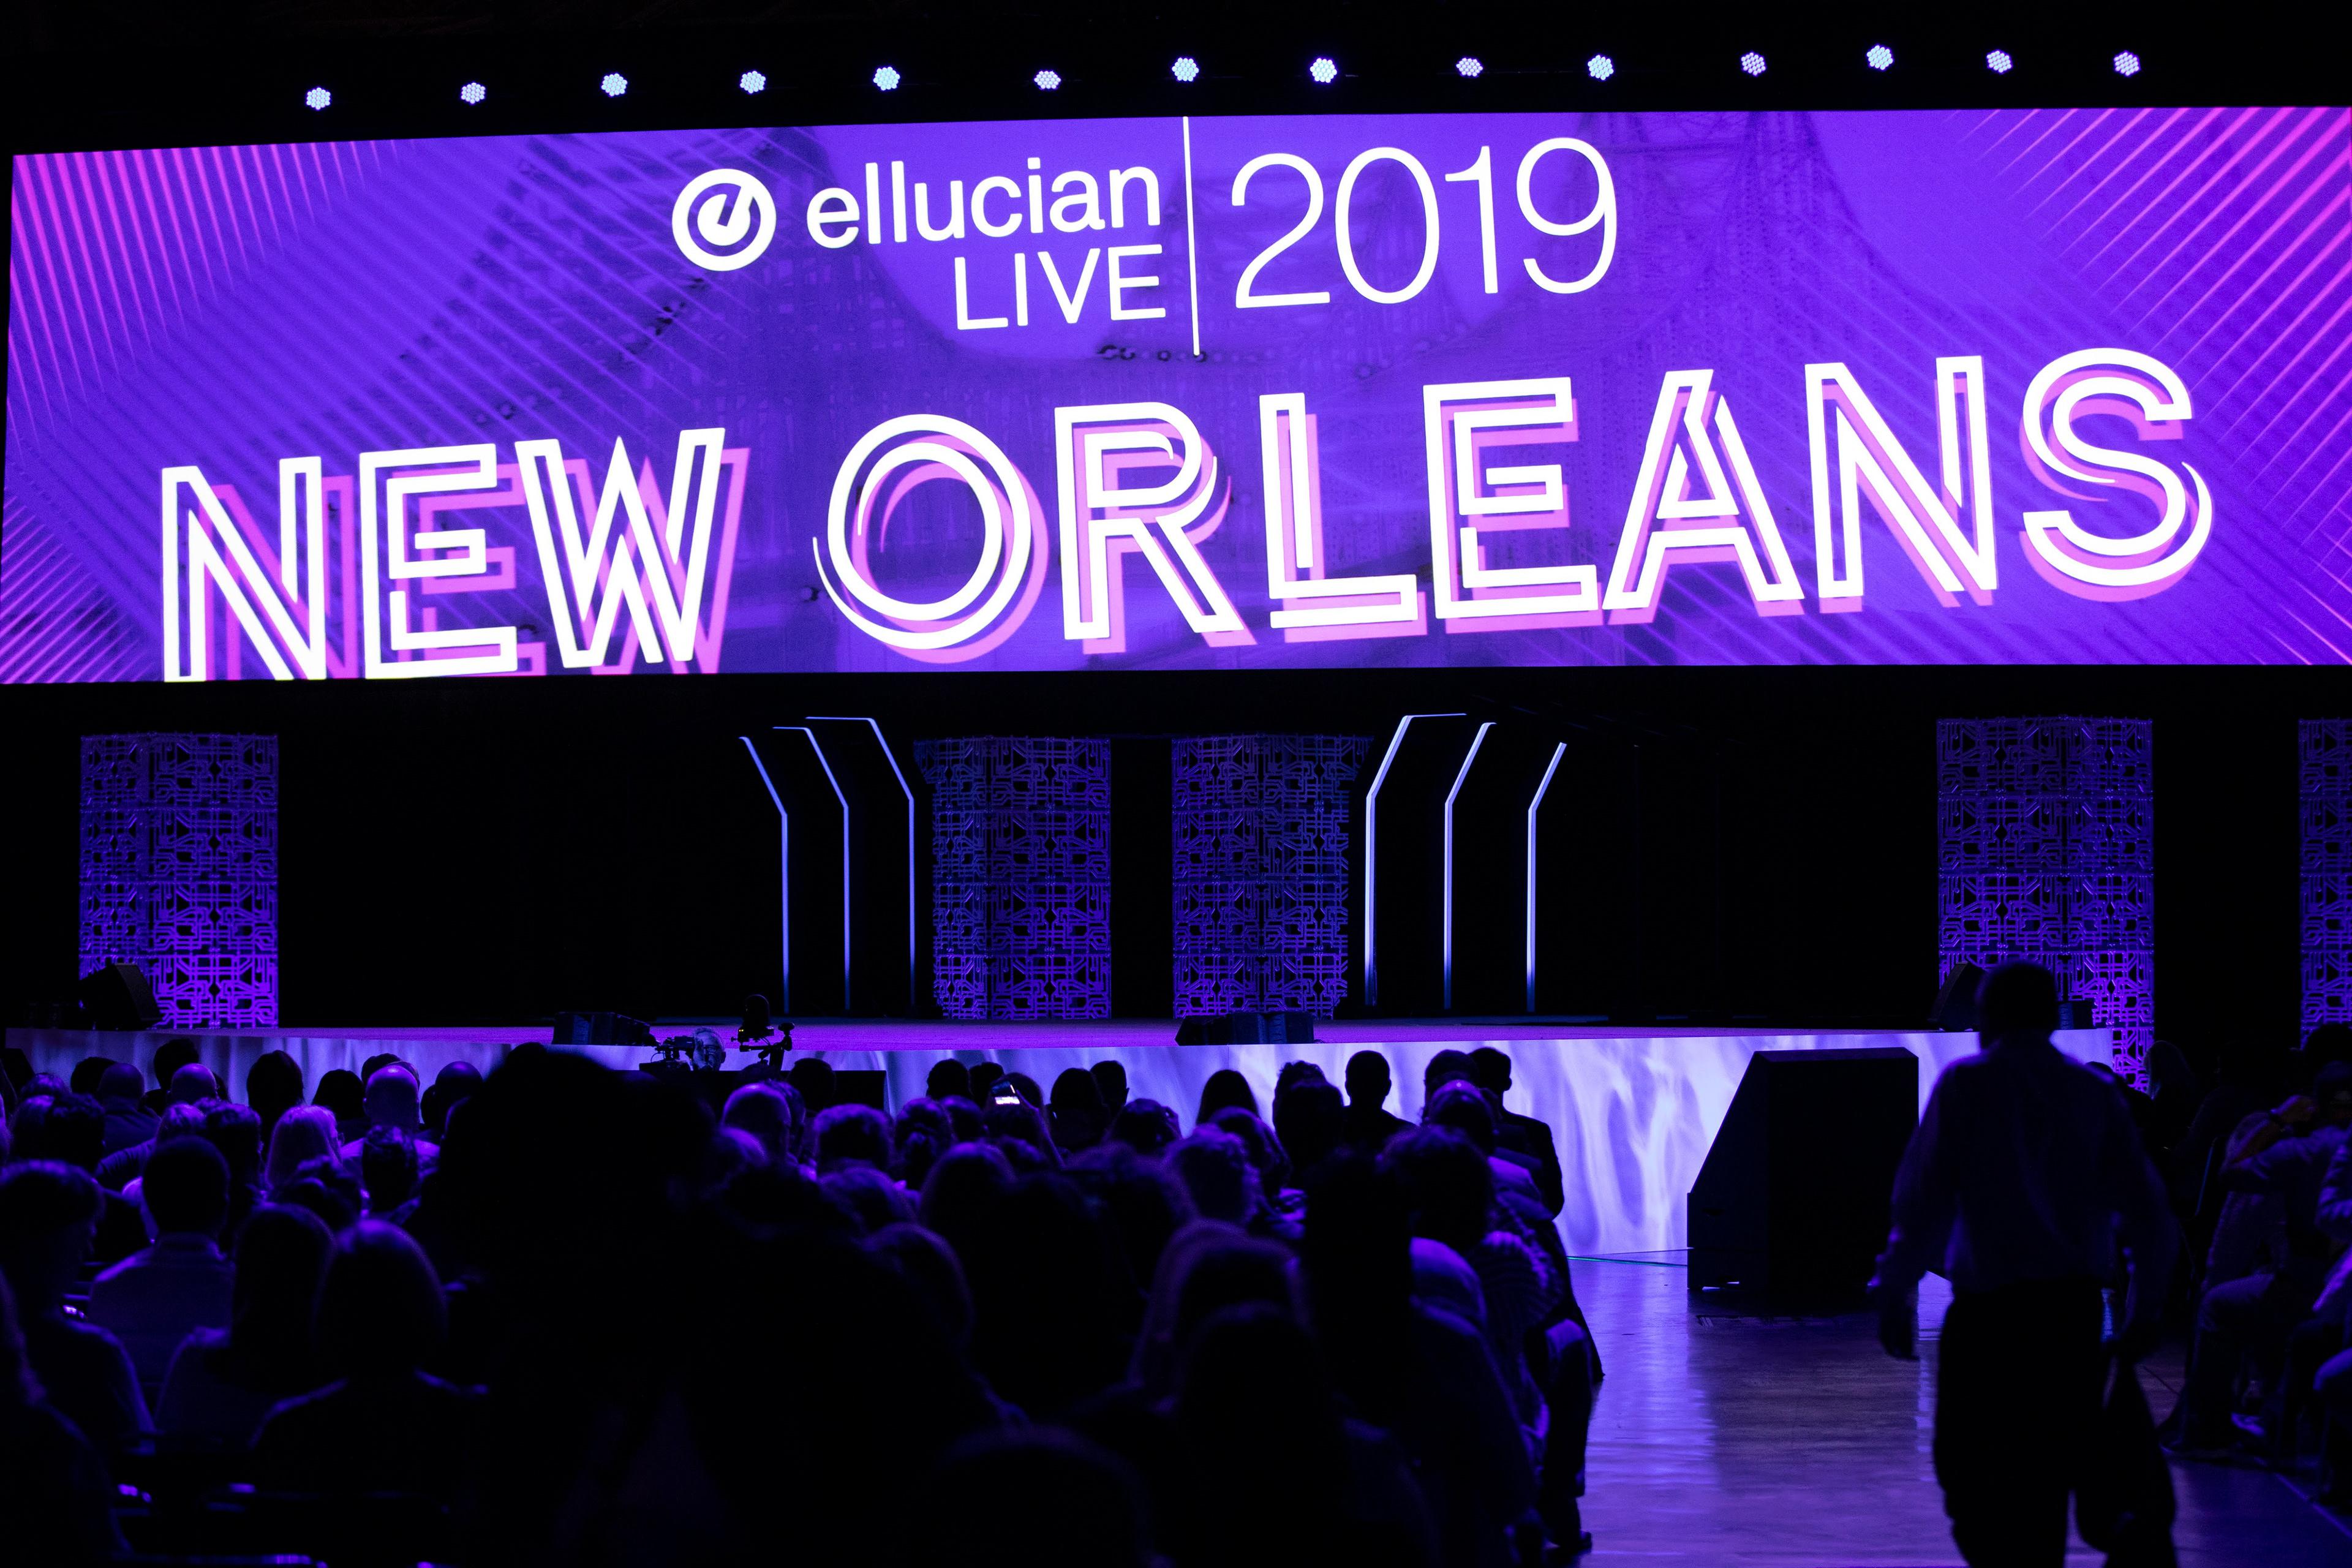 Brent Morris - Ellucian Live 2019